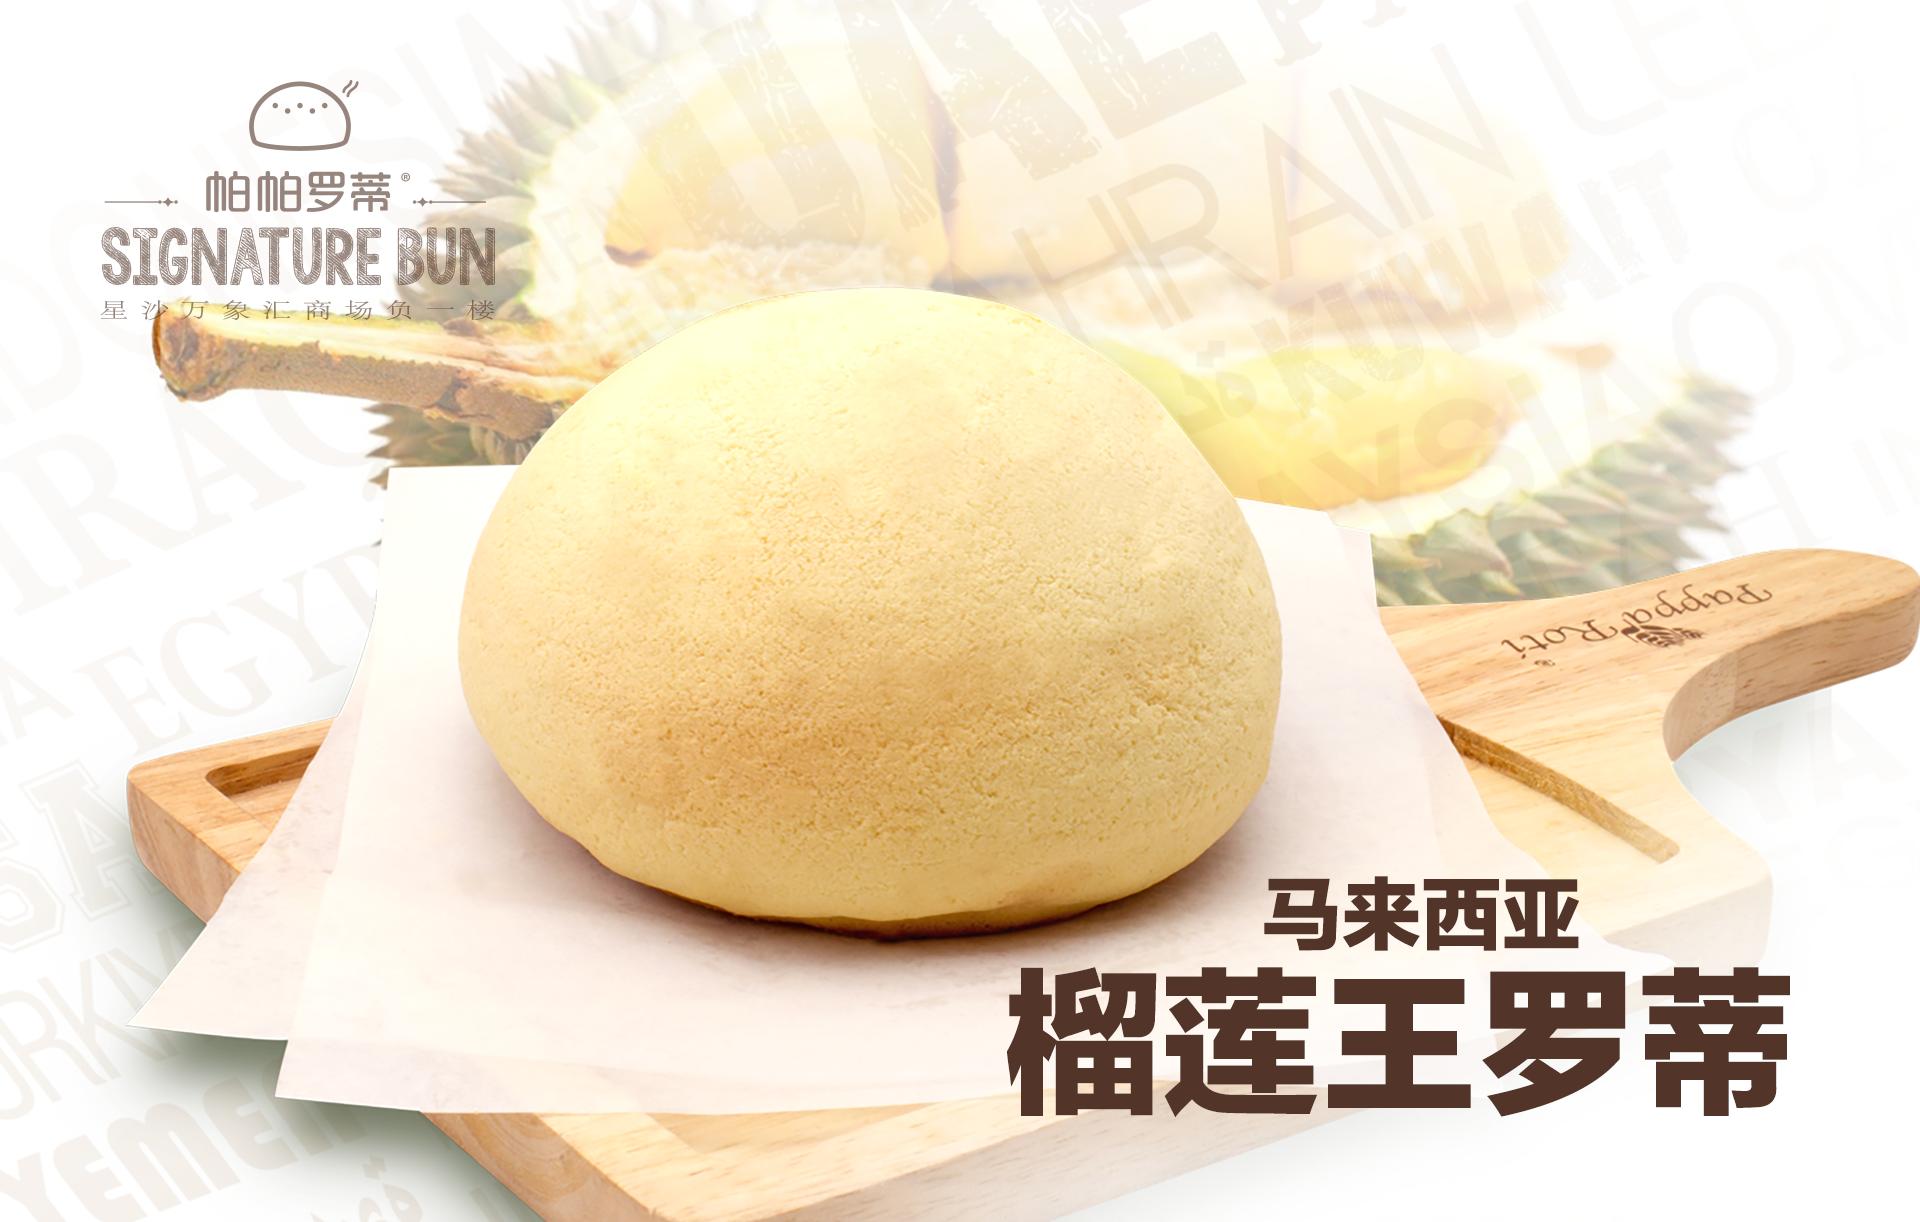 面包连锁品牌帕帕罗蒂教你面包店品牌经营的三大技巧!